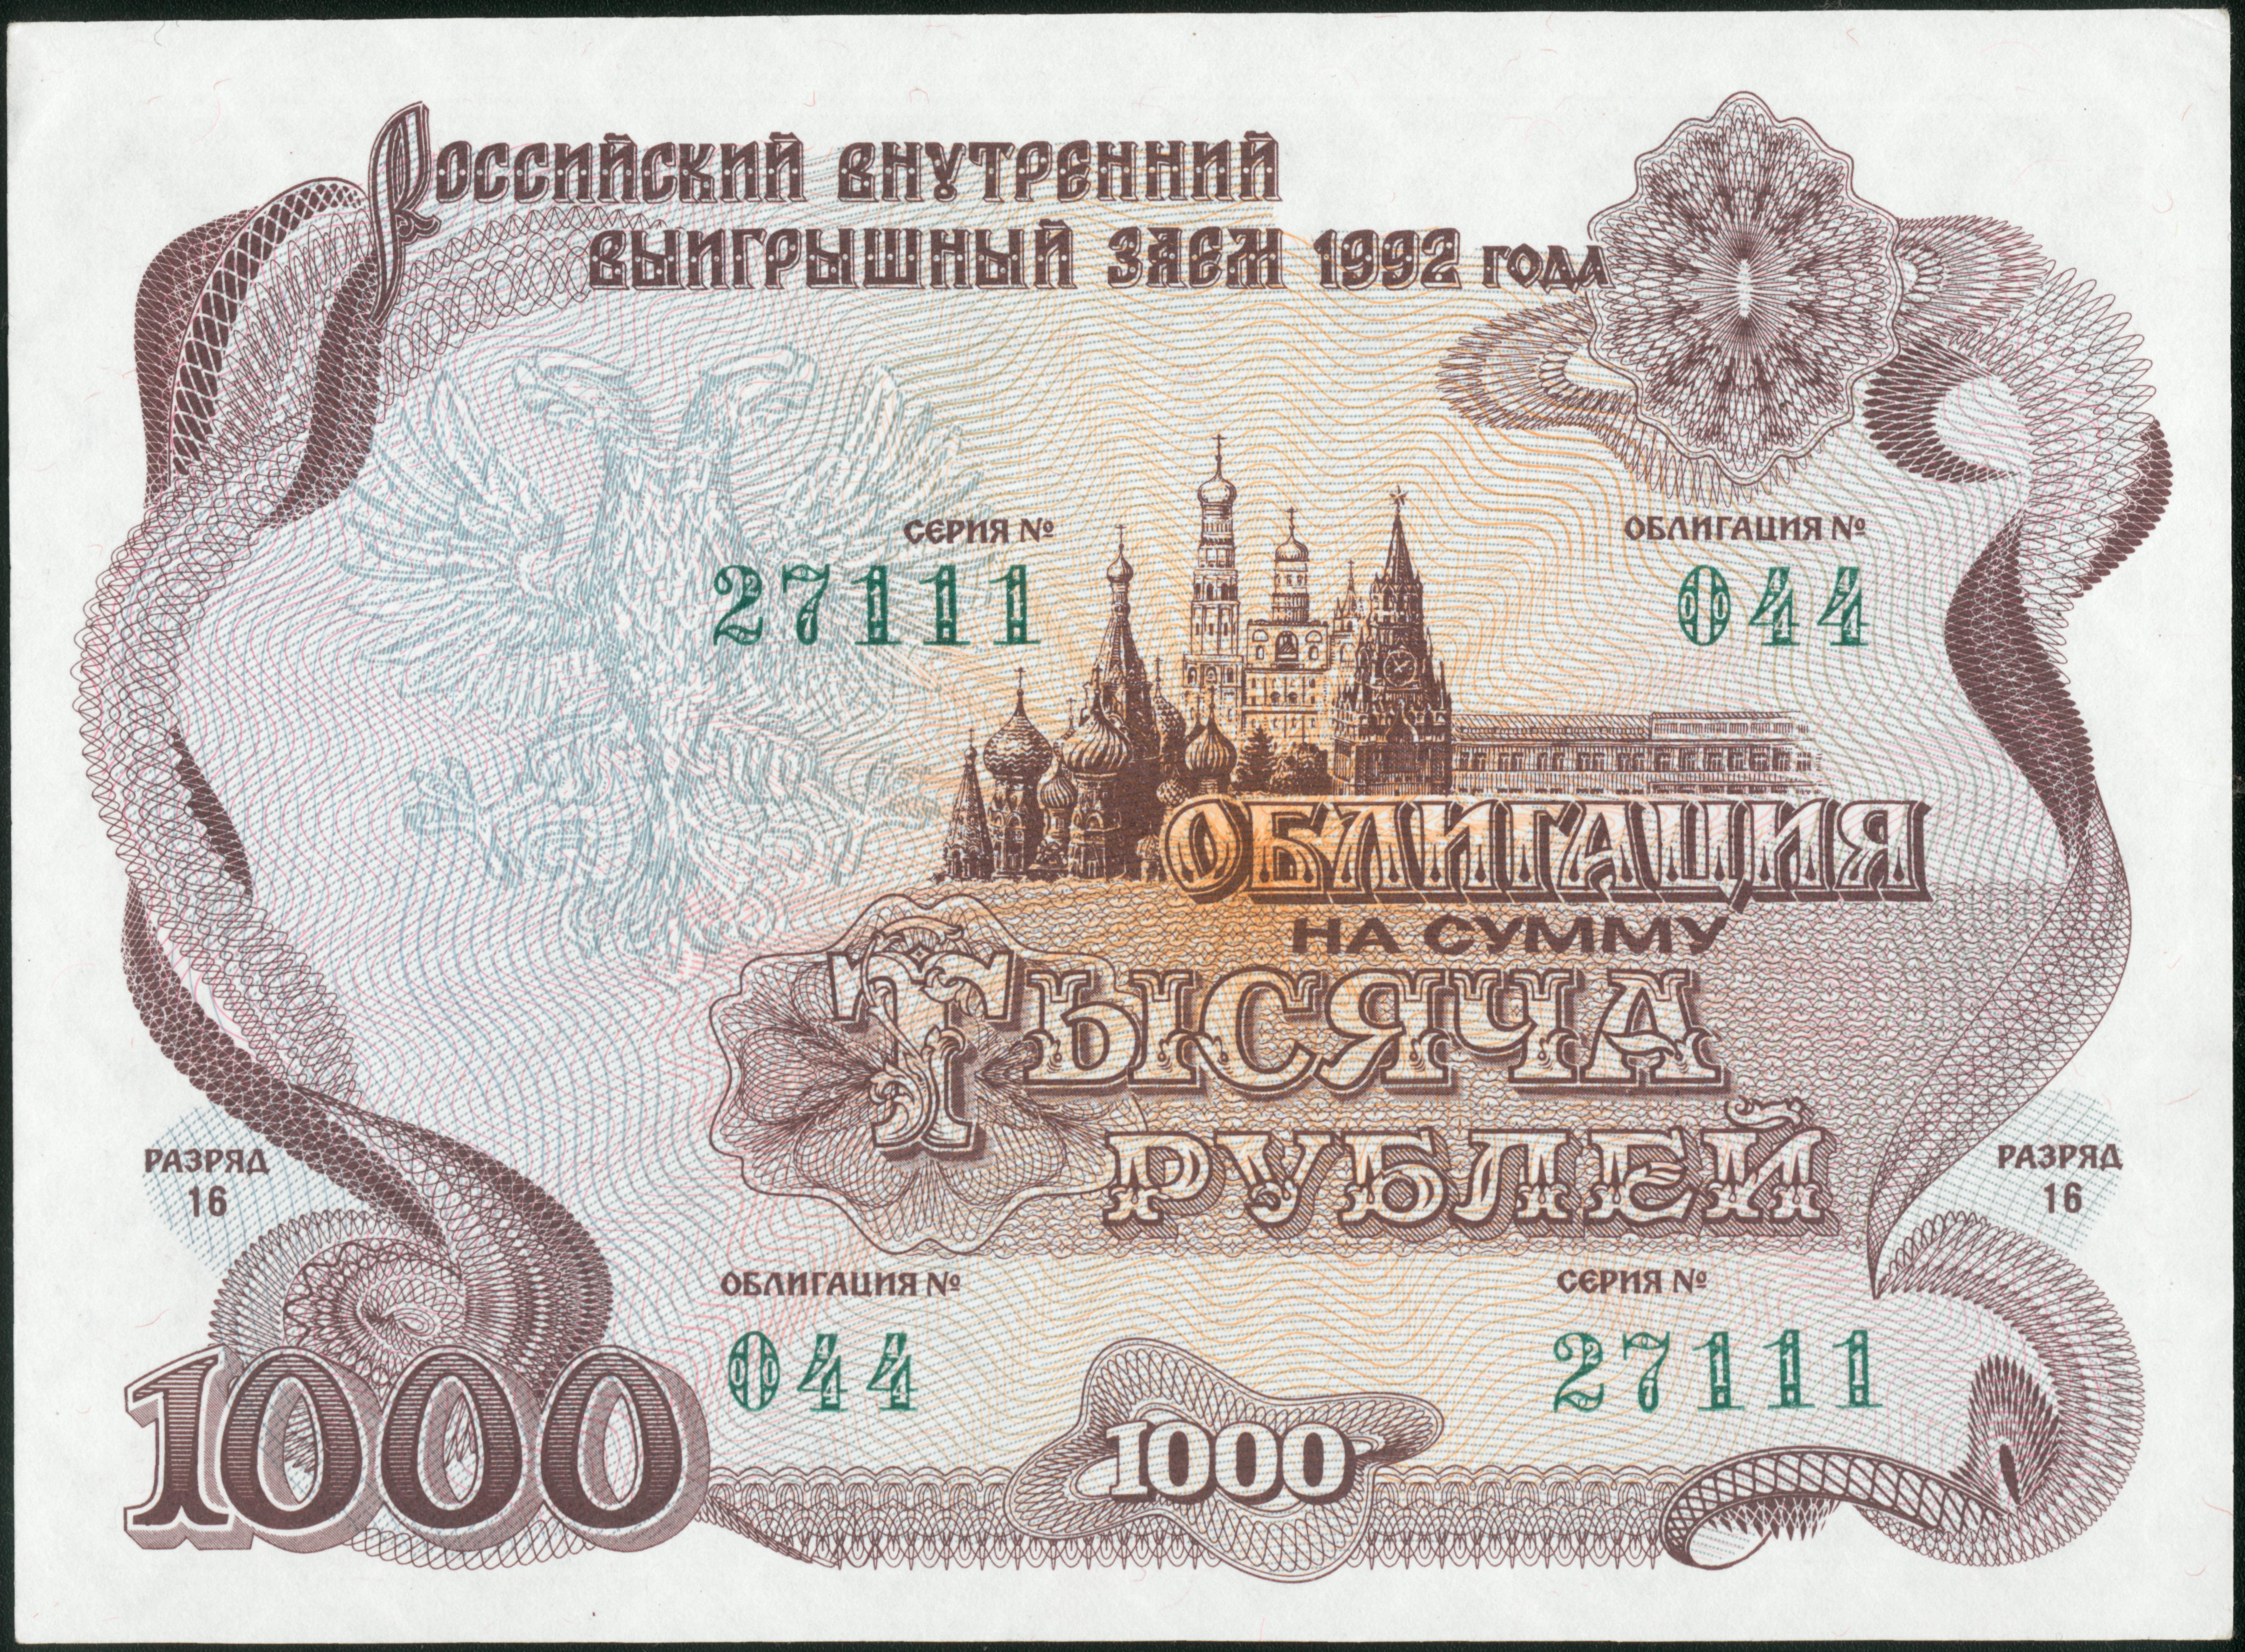 Российские внутренние выигрышные займы 1992 года ростов в картинках